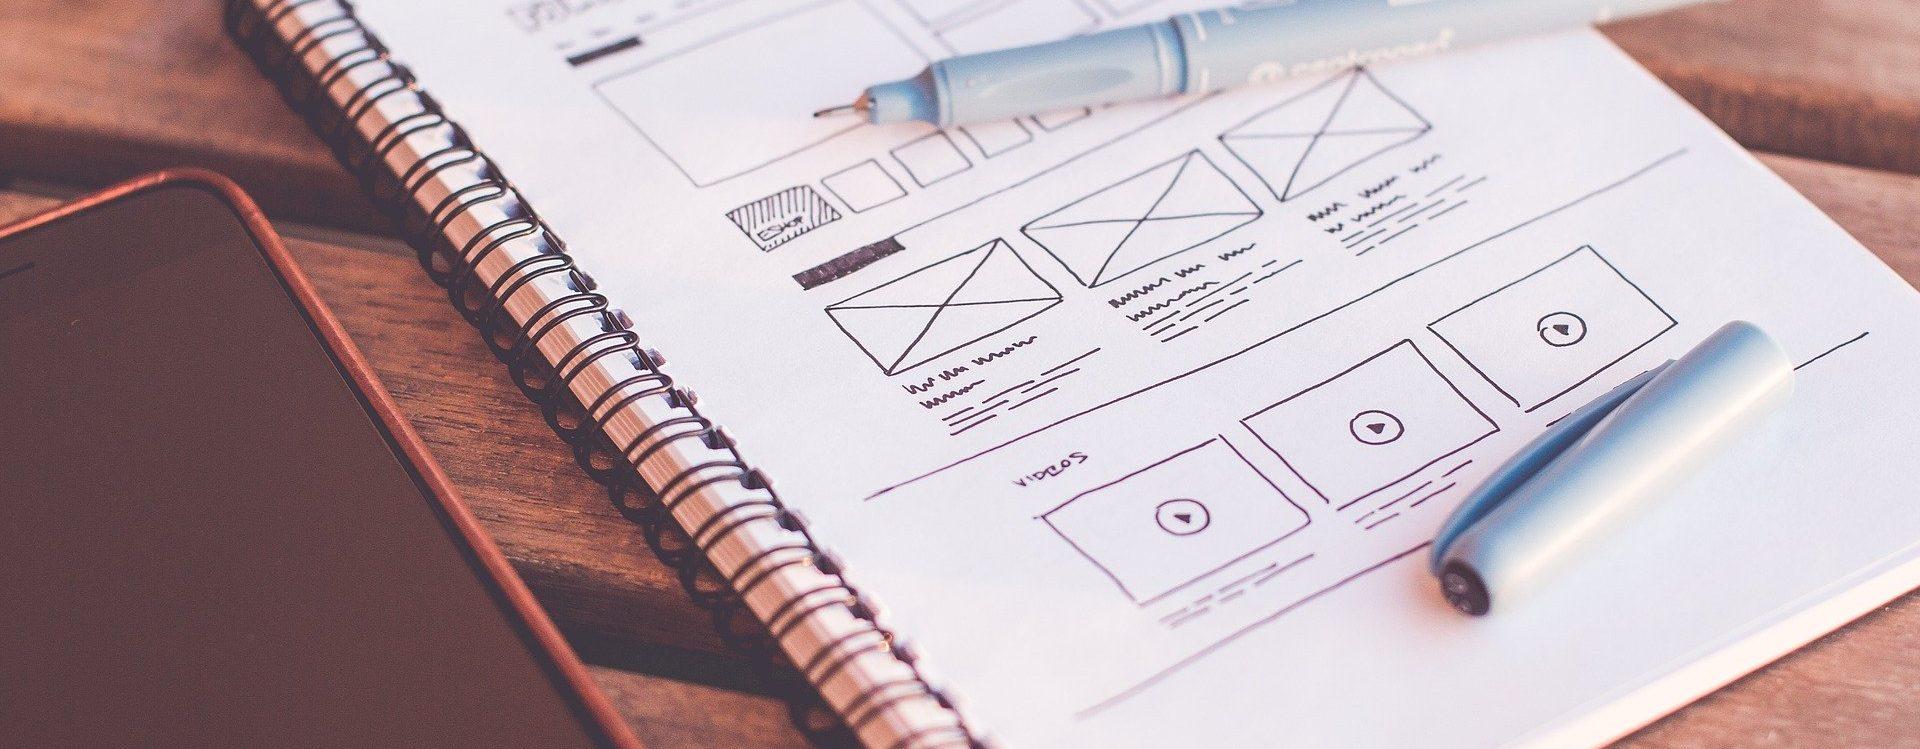 Aphex Web Design